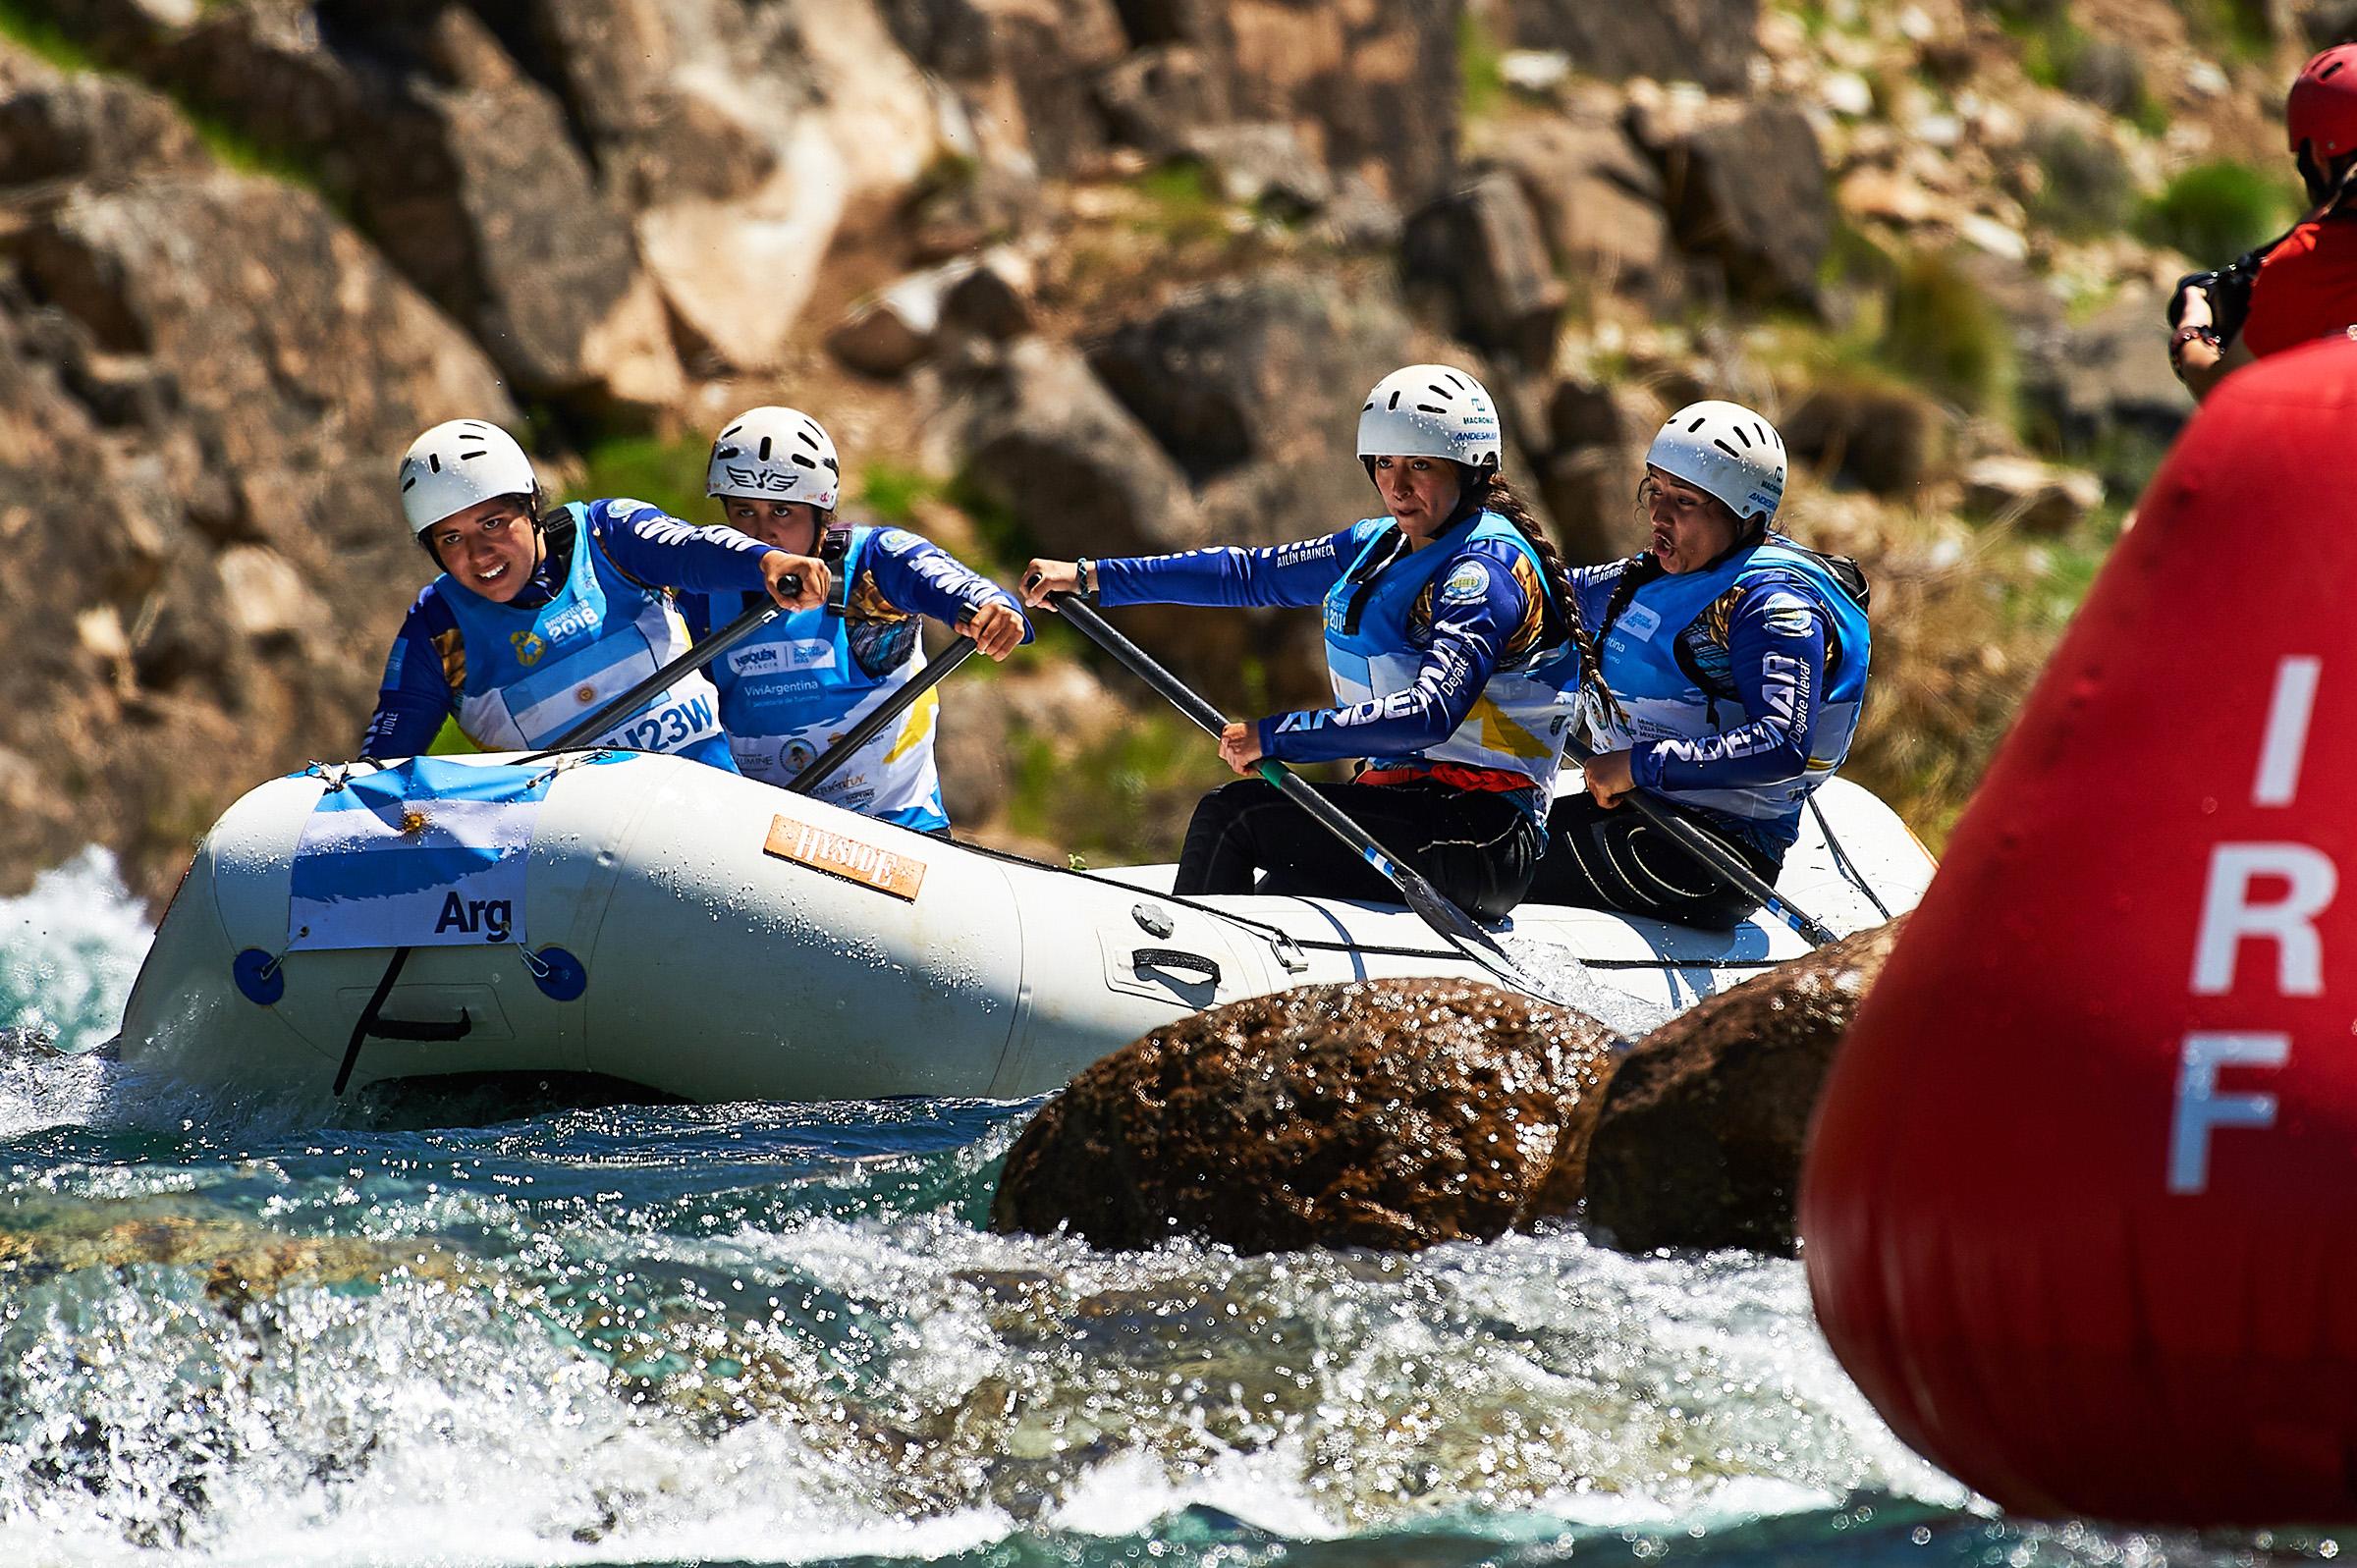 El Mundial de rafting se realizó en el río Aluminé, Neuquén, Argentina. PH: Sean Clarke IRF